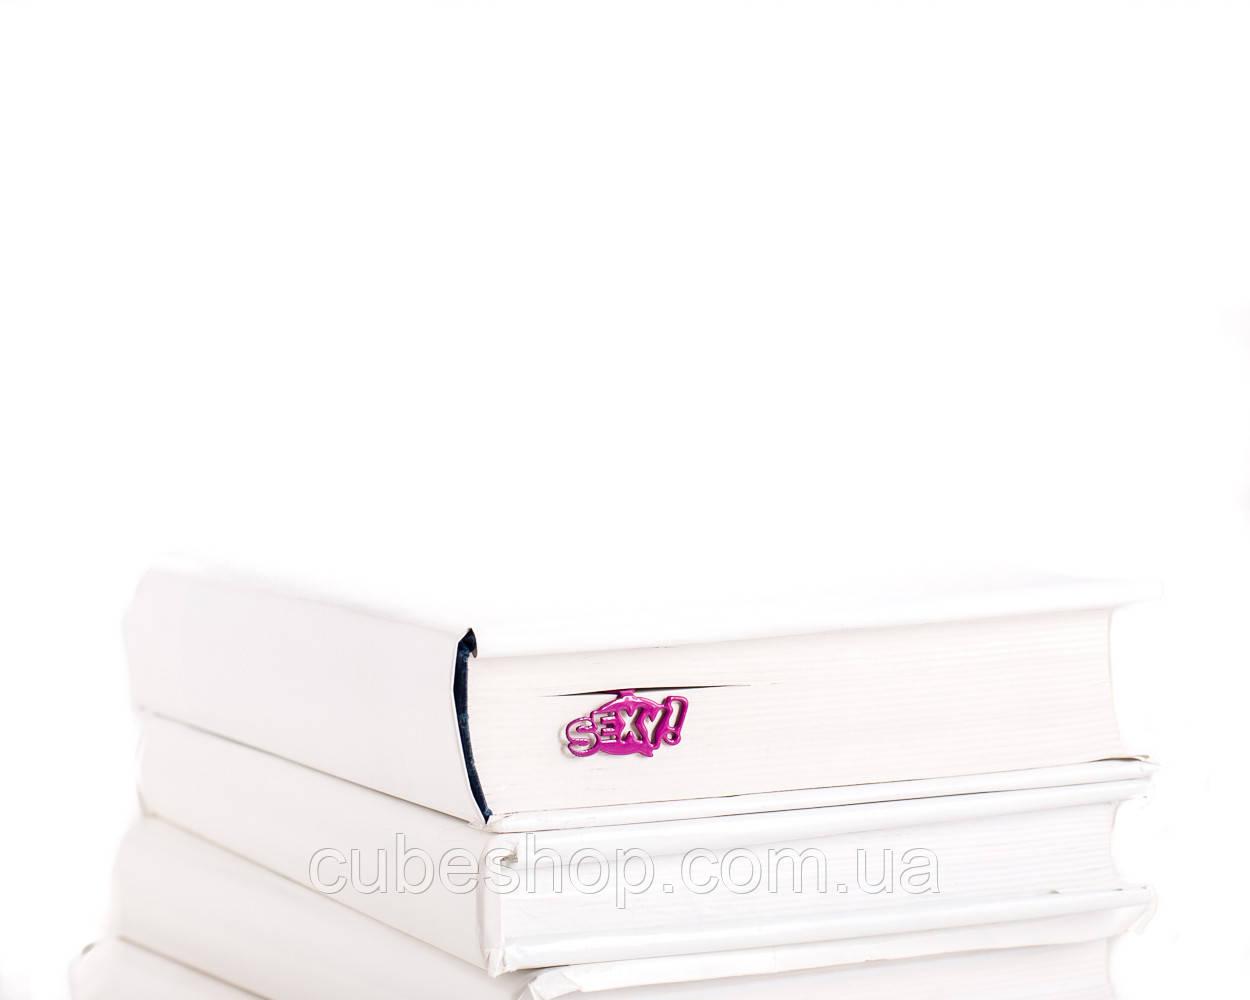 Закладка для книг Sexy